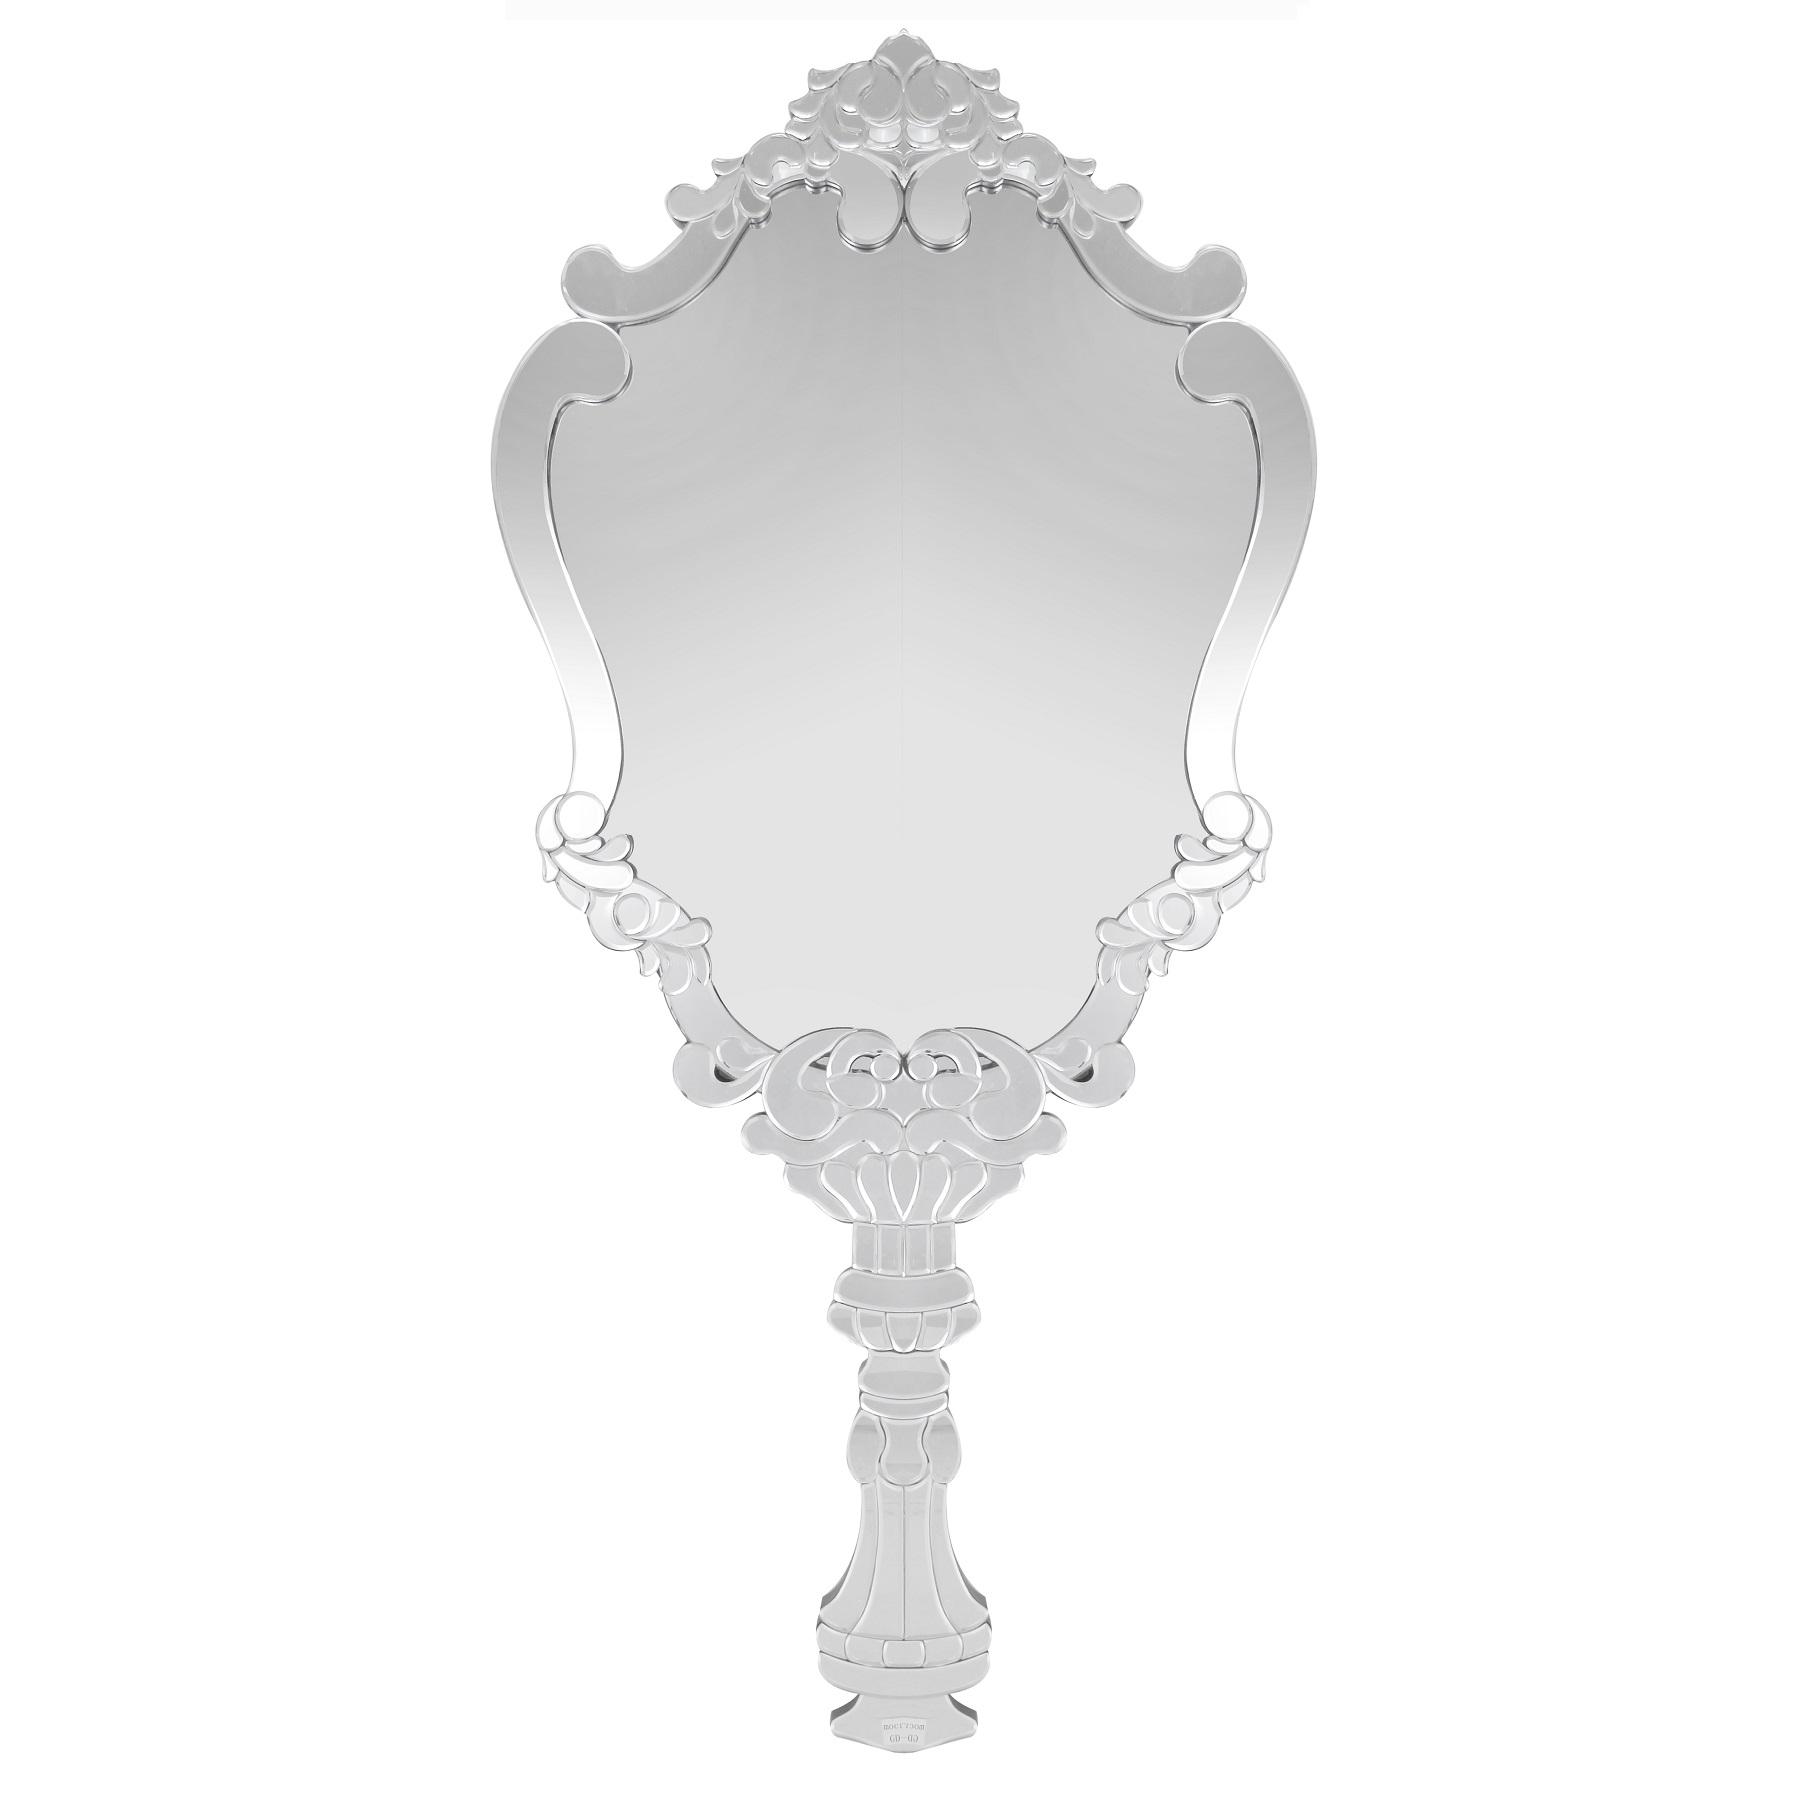 Купить Настенное зеркало Fiaba, inmyroom, Китай